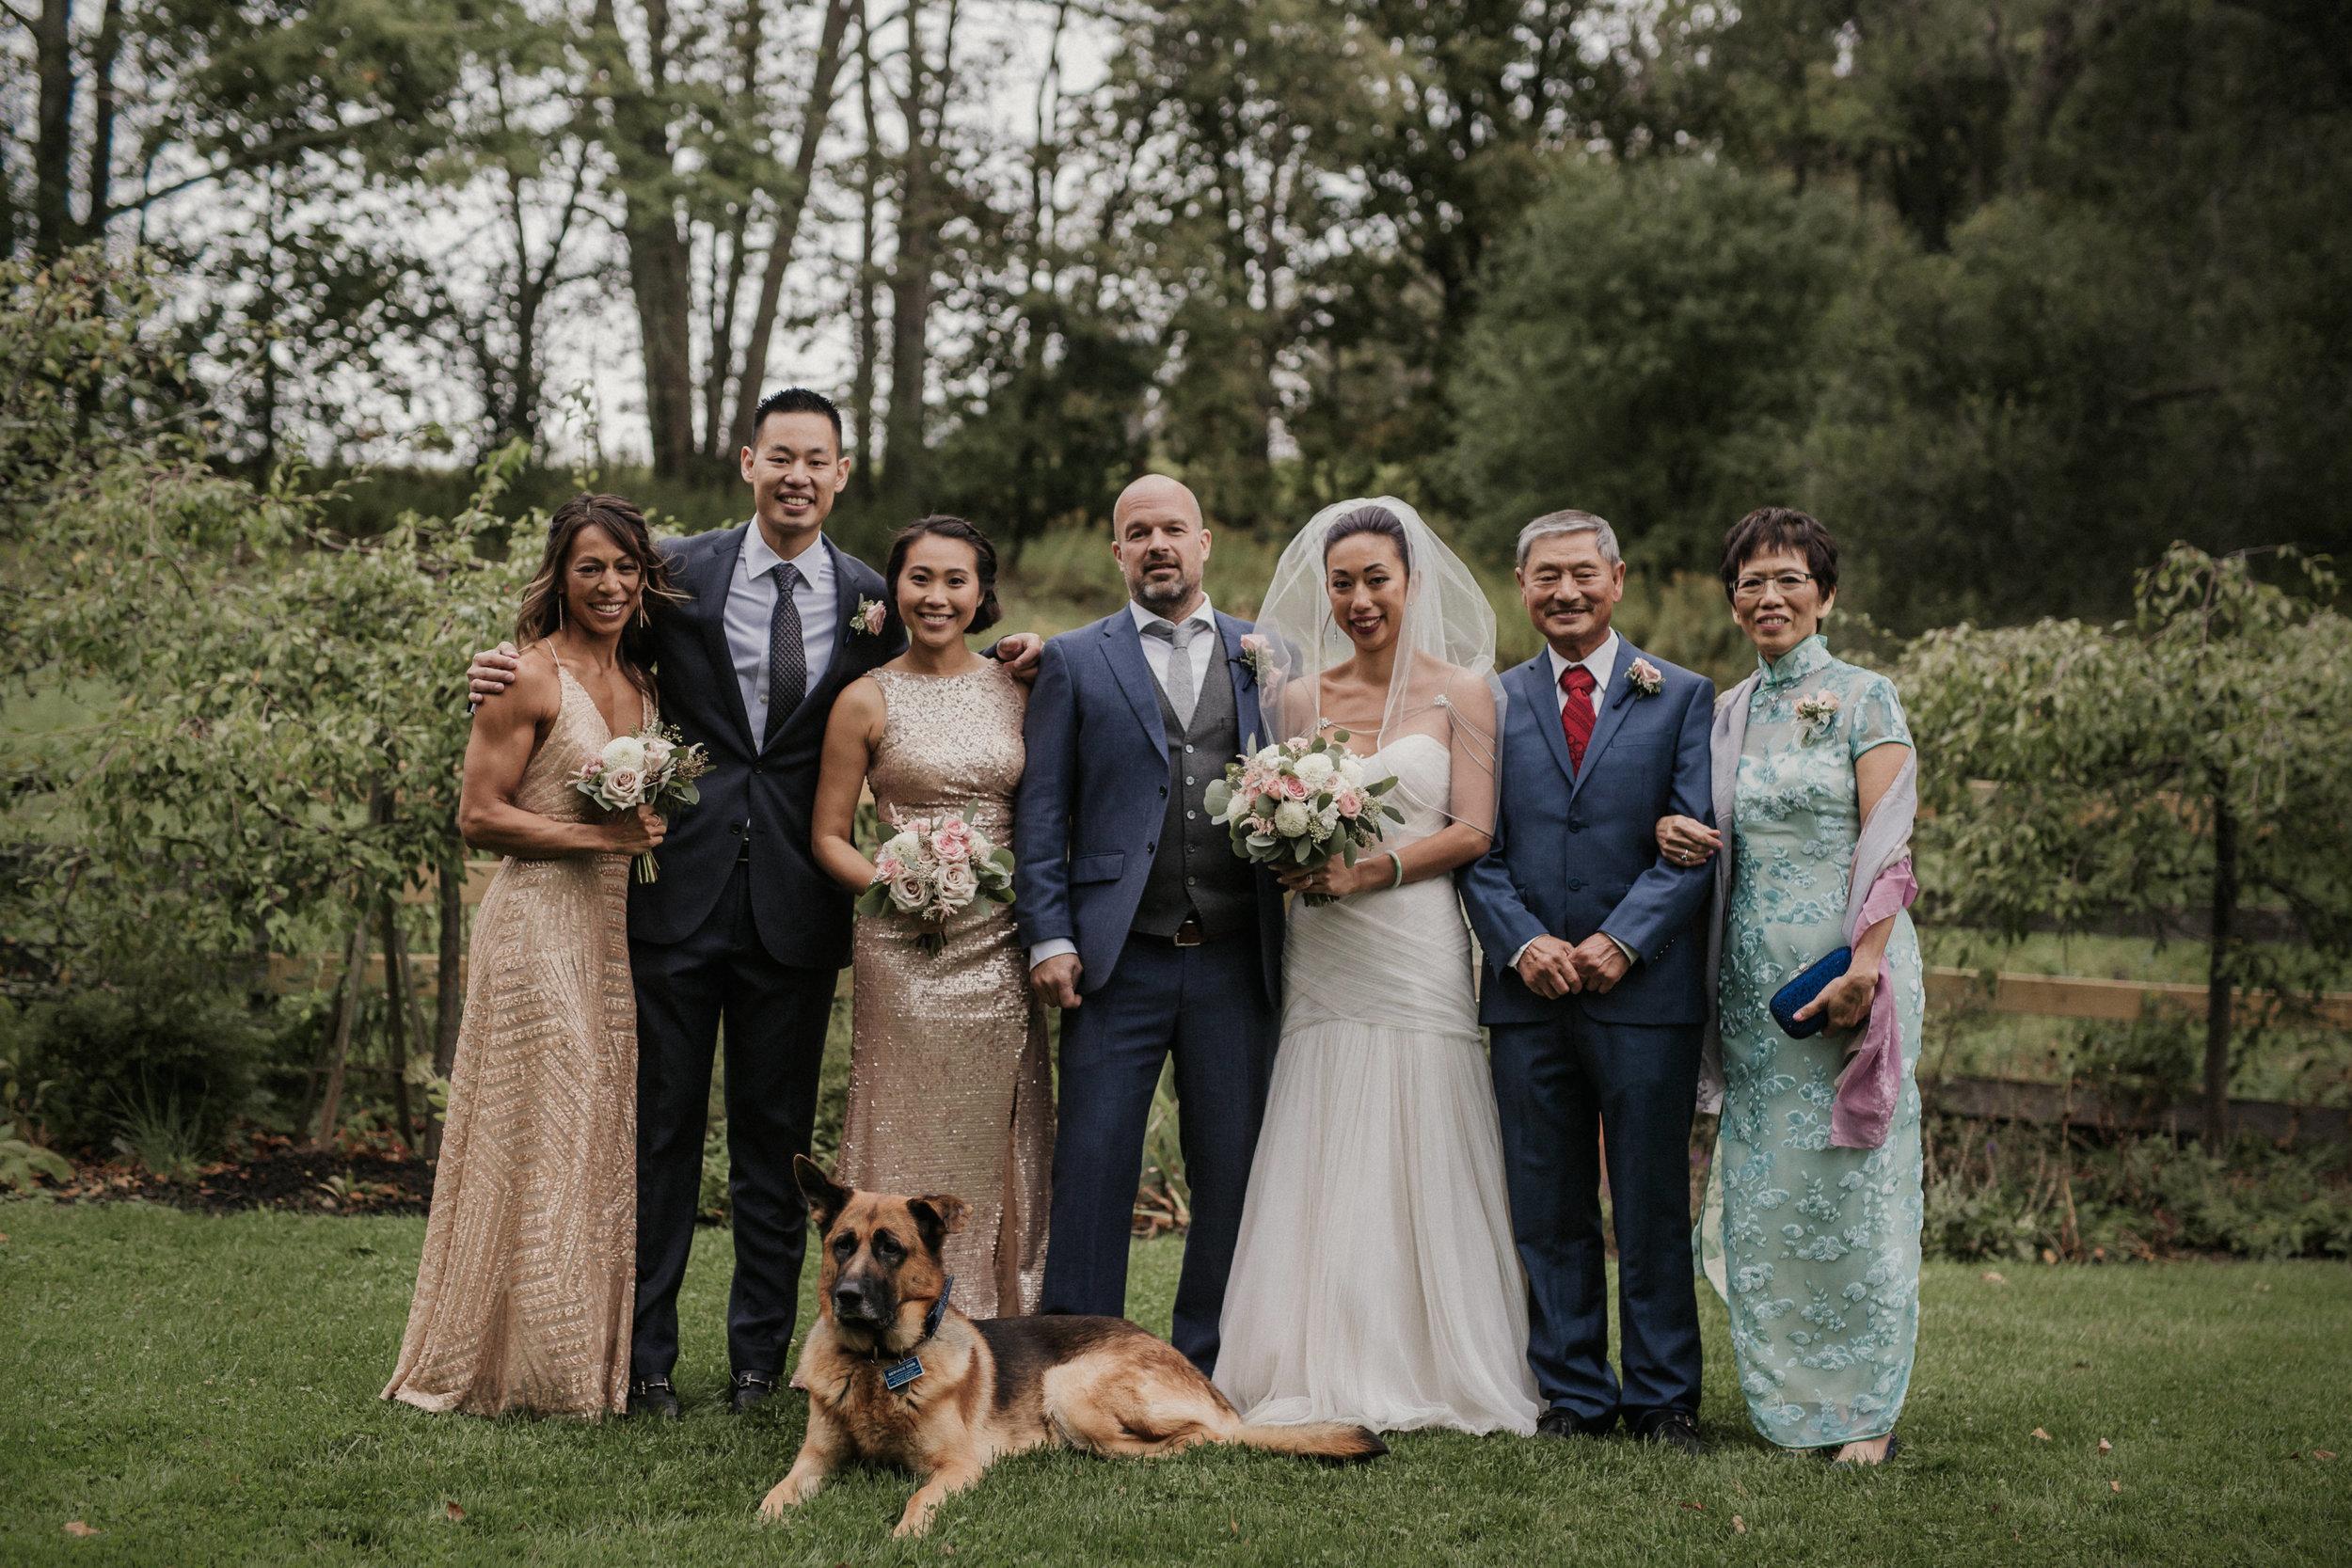 mnd_farm_wedding_079.JPG